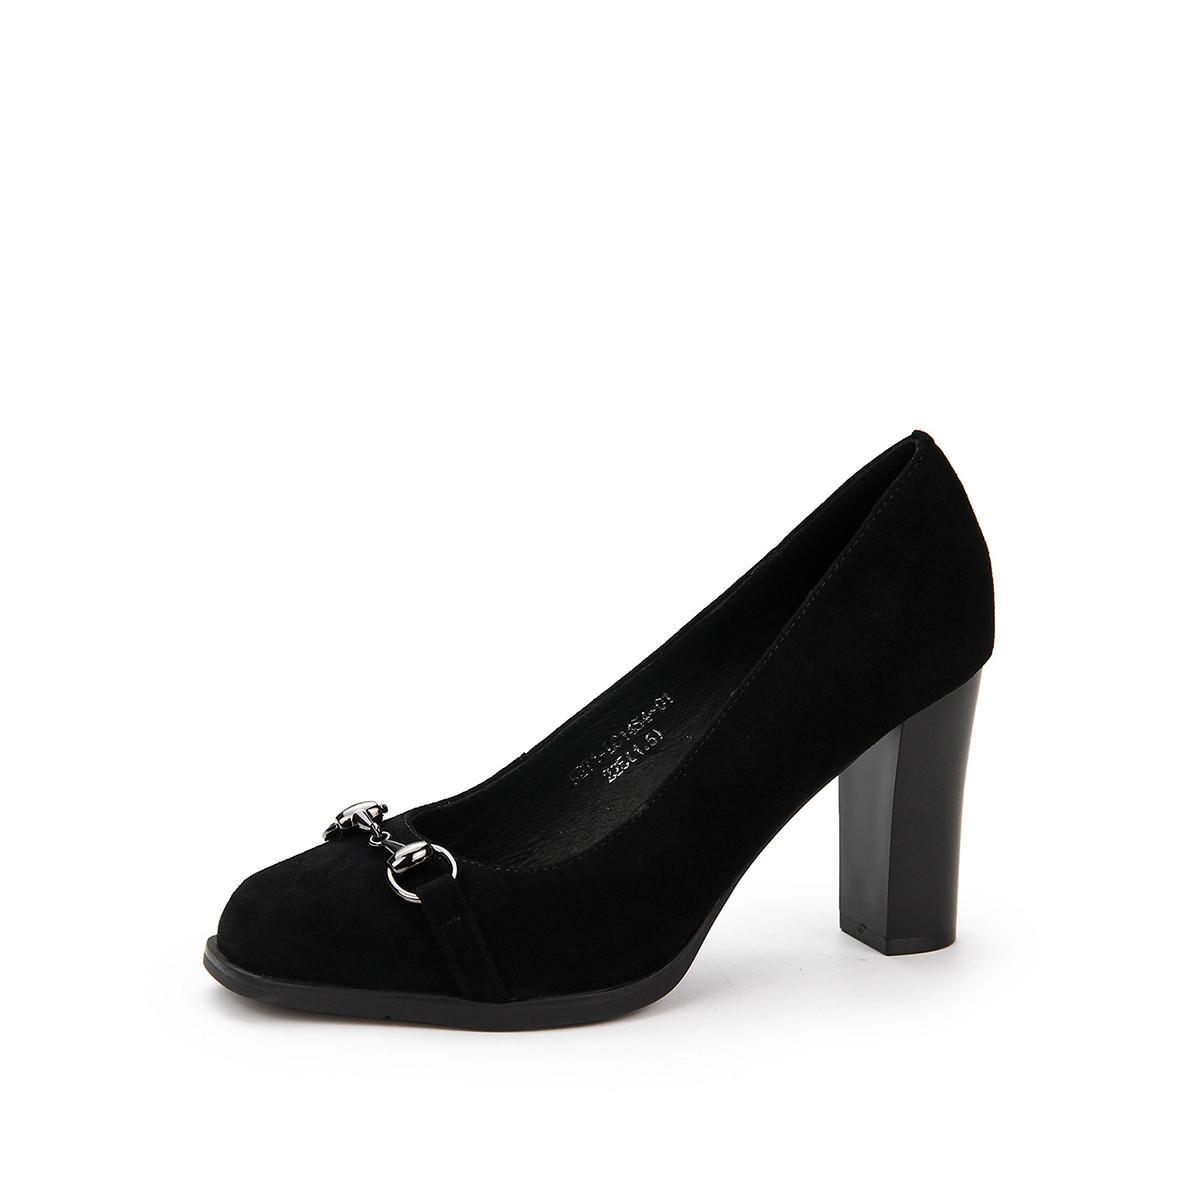 莱思丽新品简约方头粗跟羊皮单鞋KE81-LC1454-01